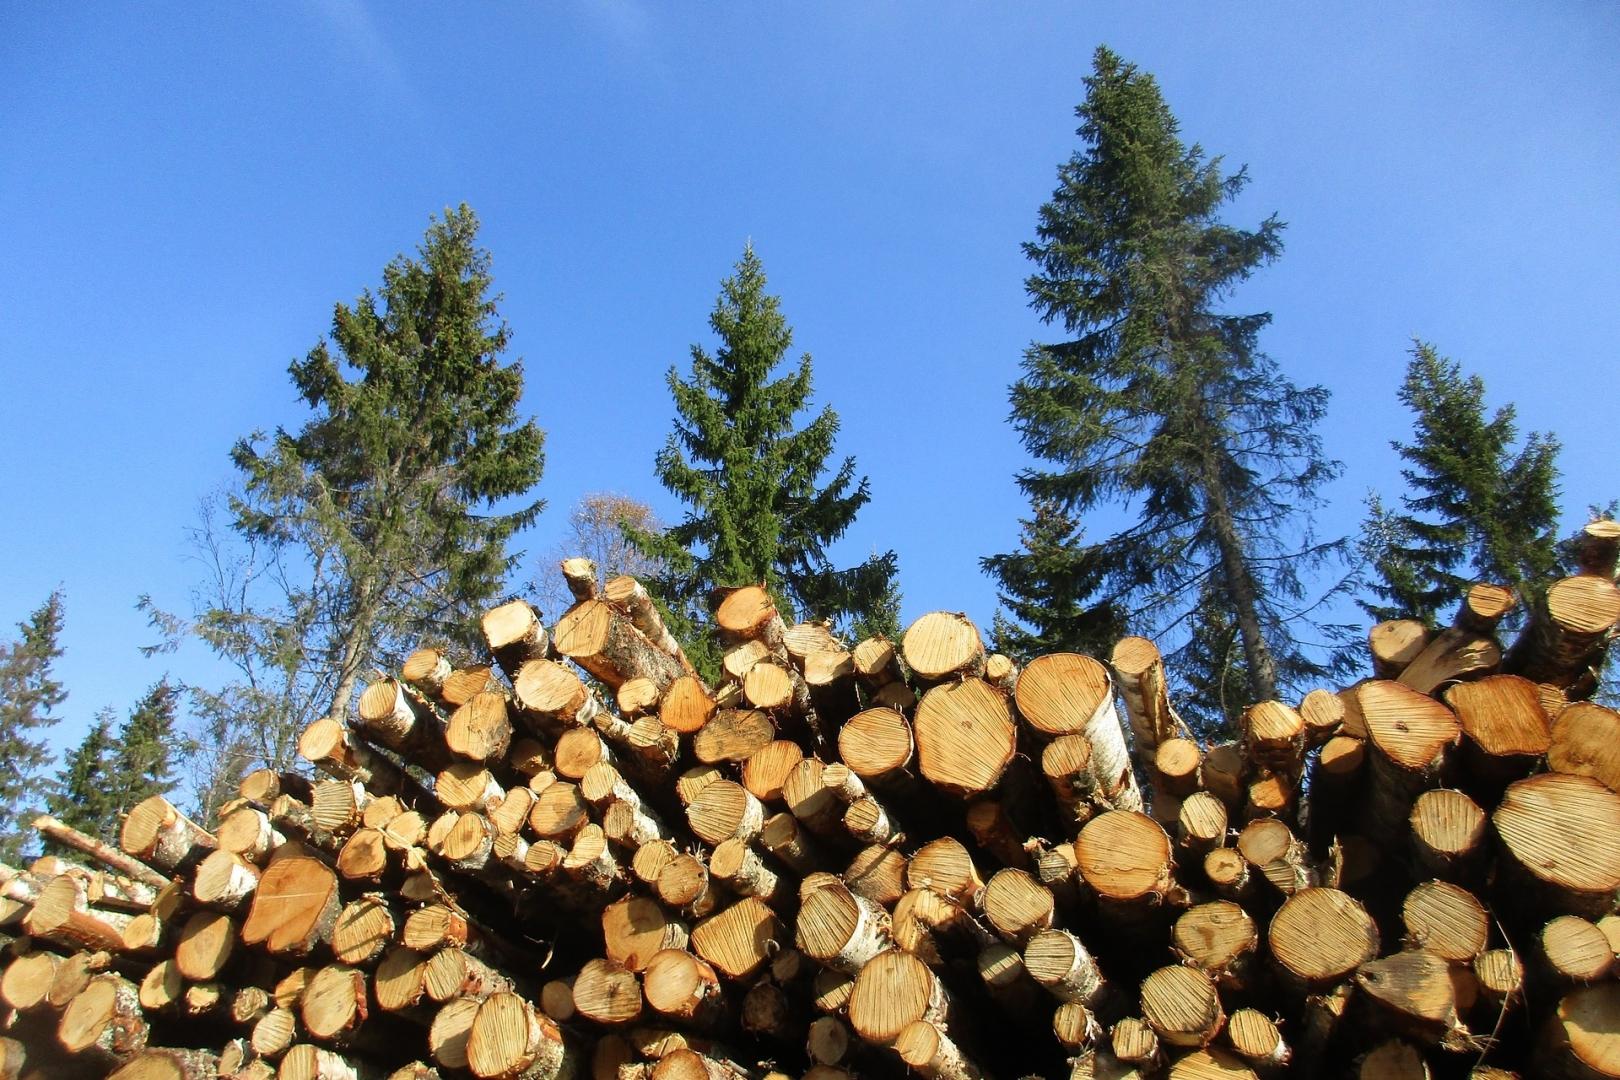 грелку вырубают деревья картинки решил быть честным